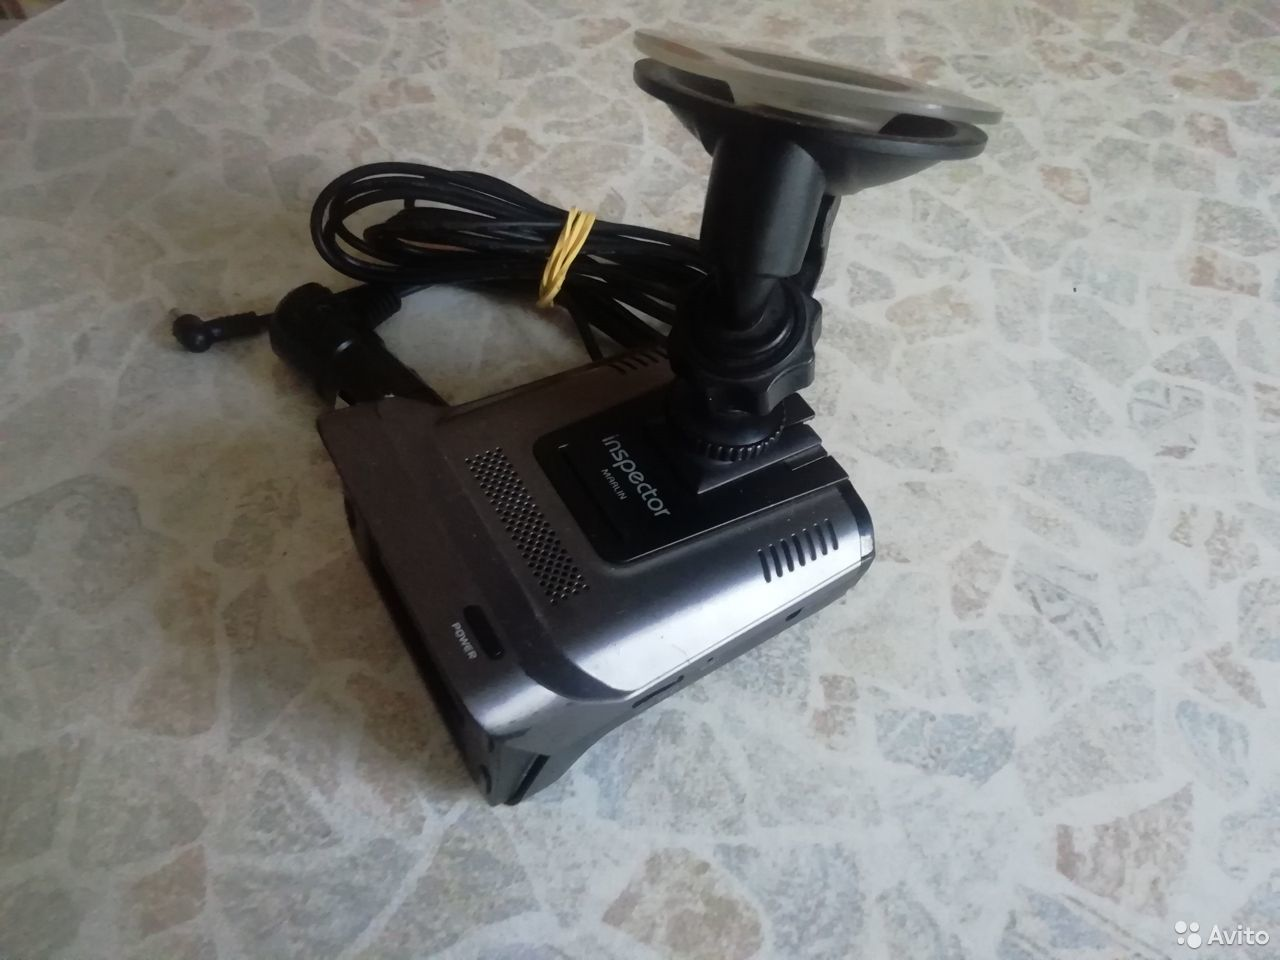 Автомобильный видеорегистратор Inspector Marlin  89231912777 купить 6